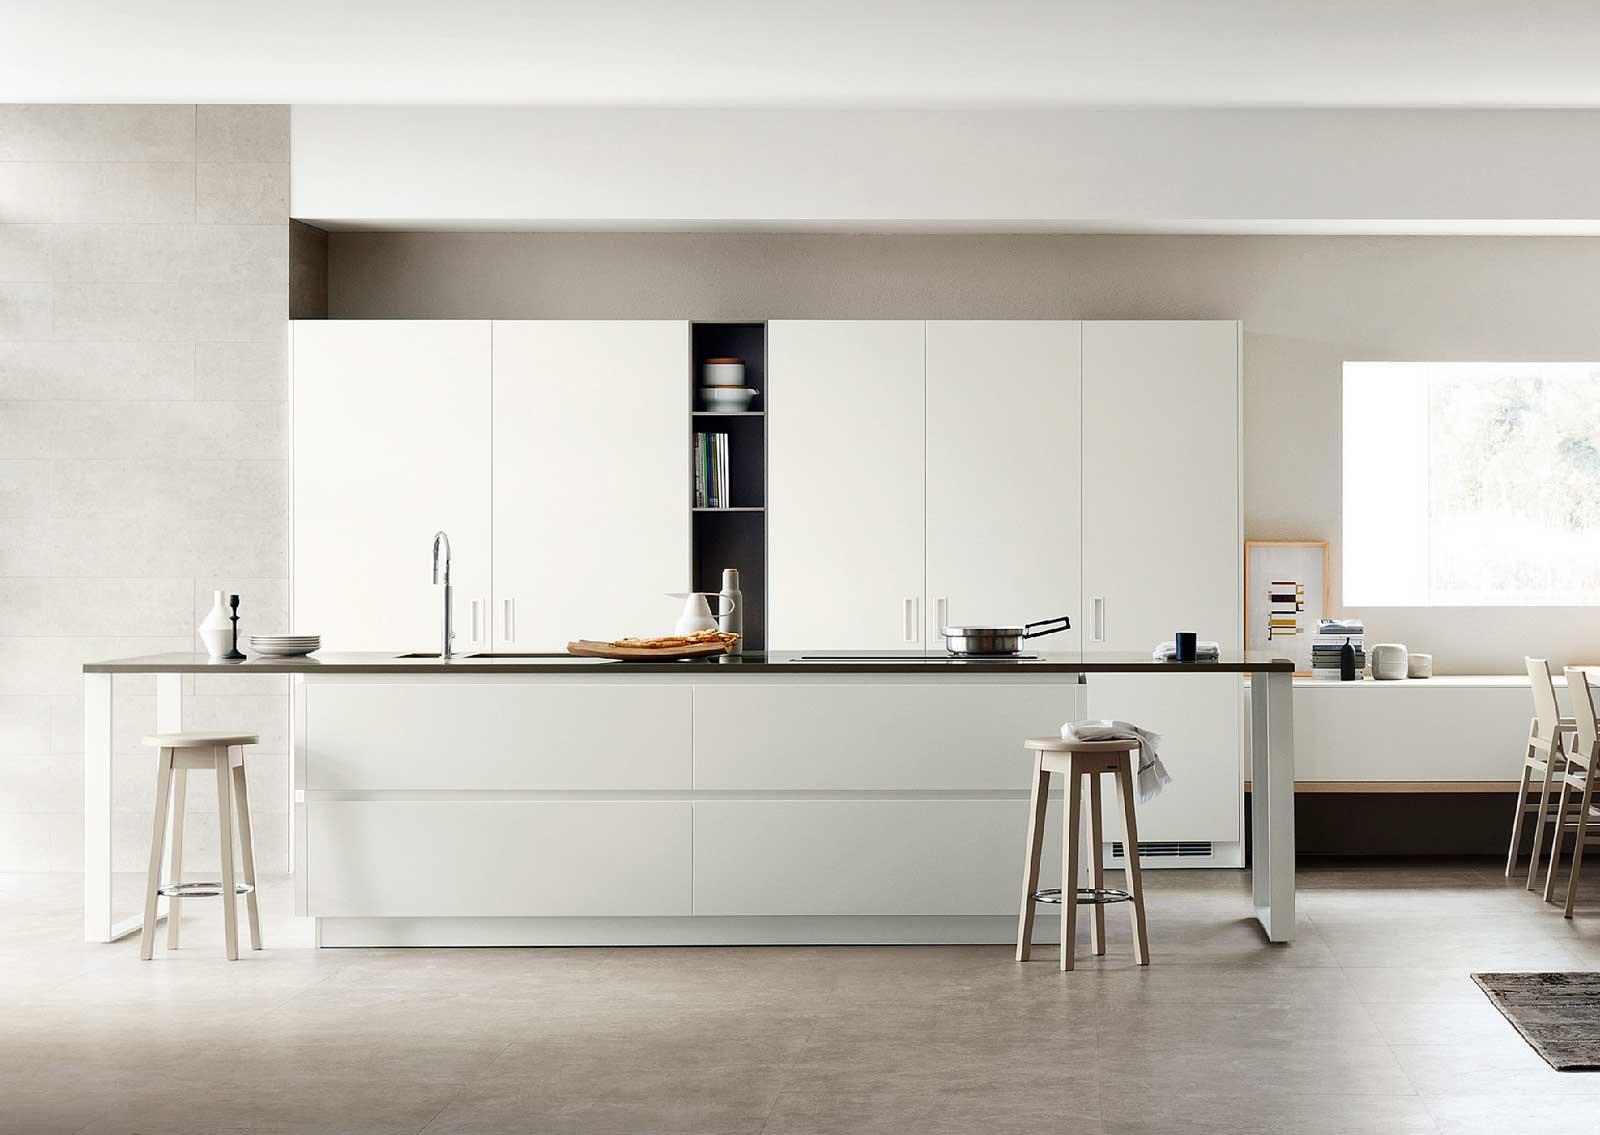 Progettare bene la cucina per aspiranti chef cose di casa - Isole cucine moderne ...